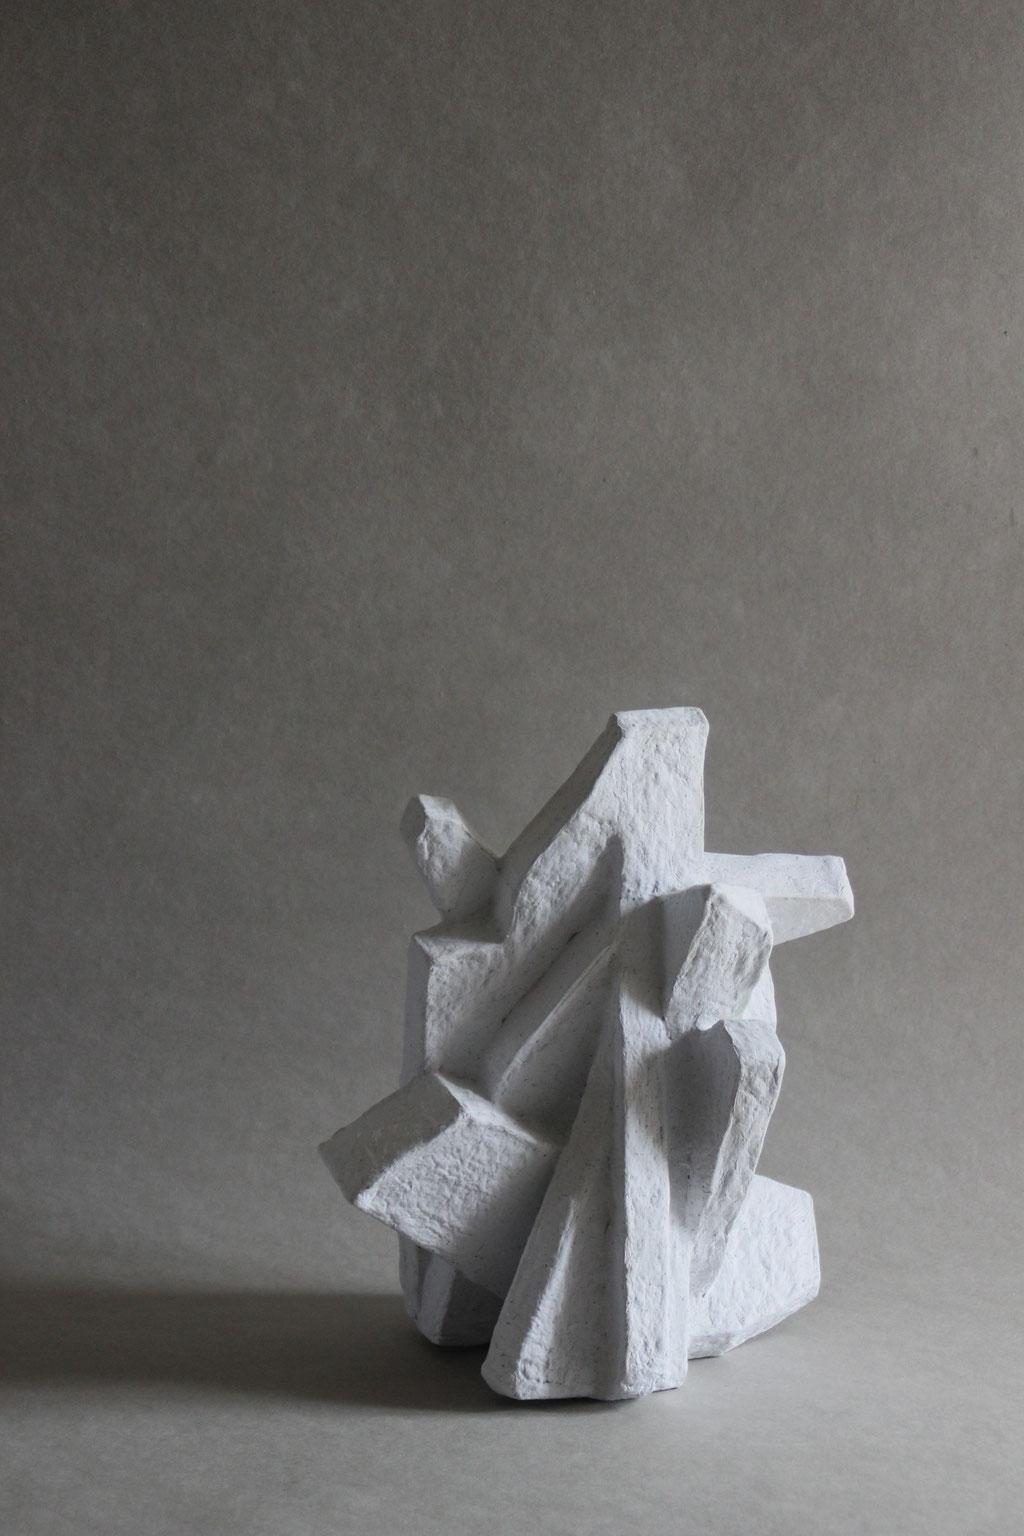 Particle medium white natural